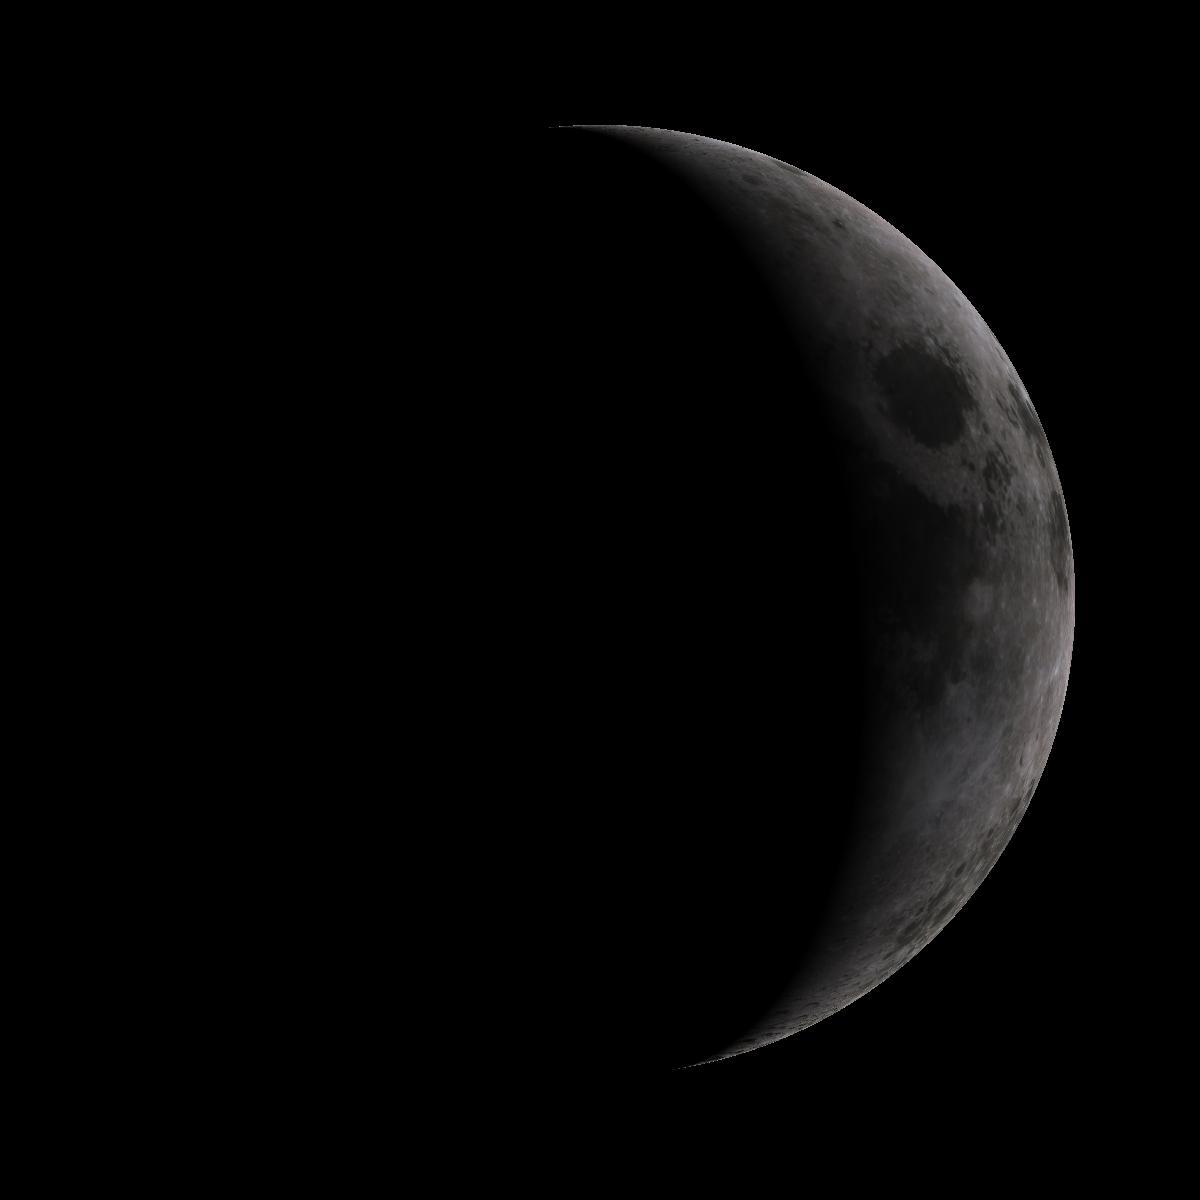 Lune du 3 octobre 2019